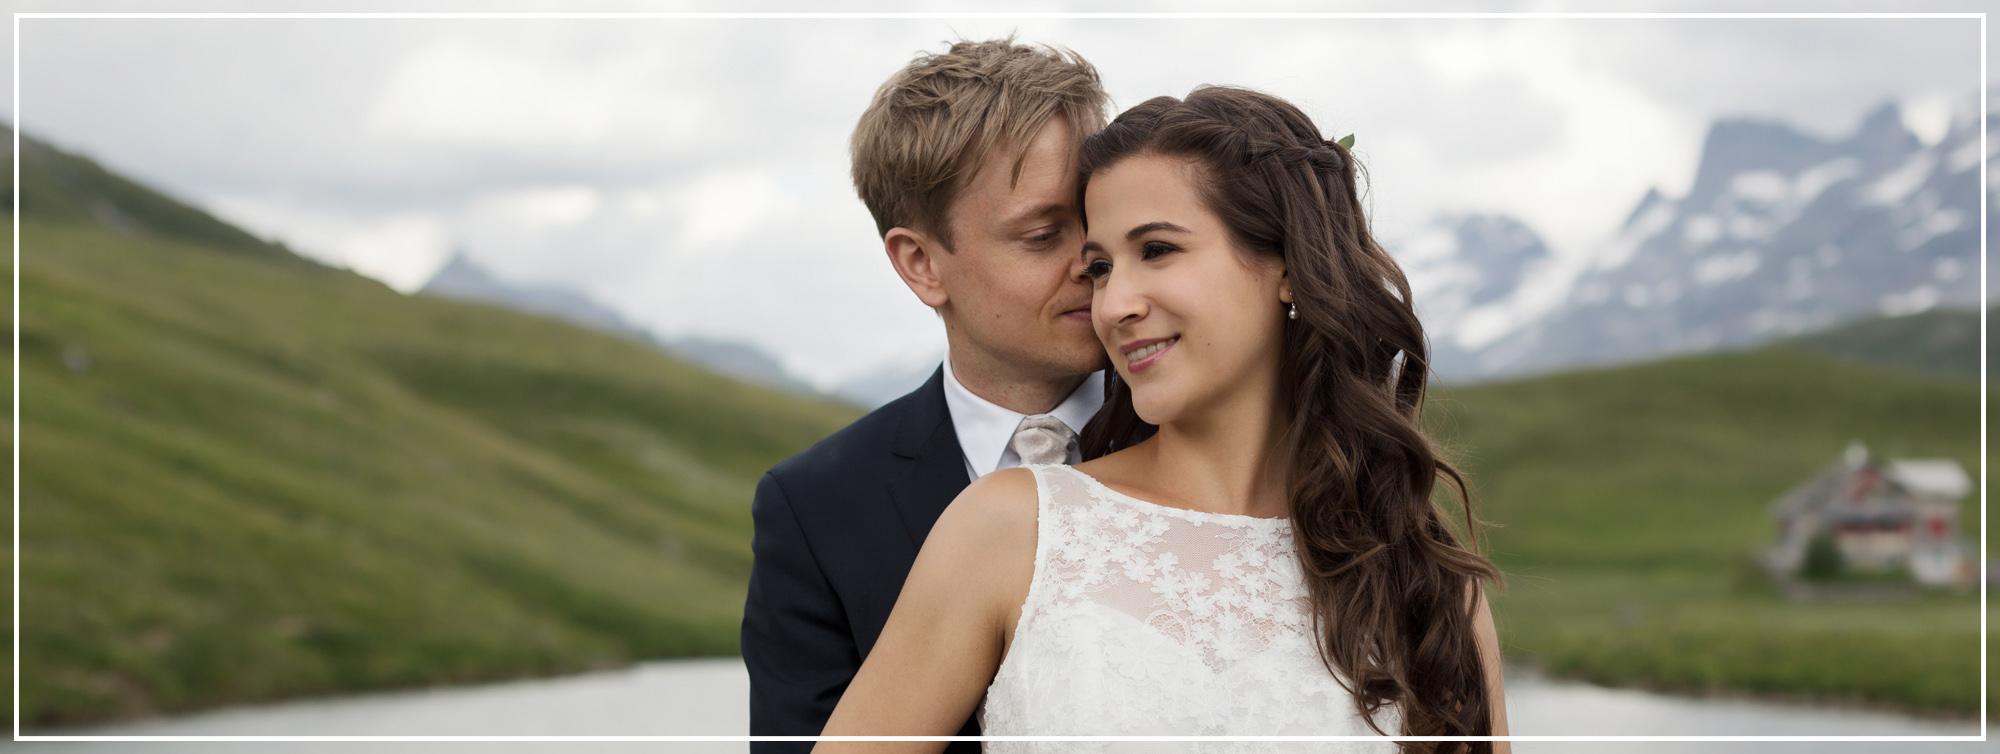 Brautpaar Fotoshooting in der Melchseefrutt inmitten von Bergen